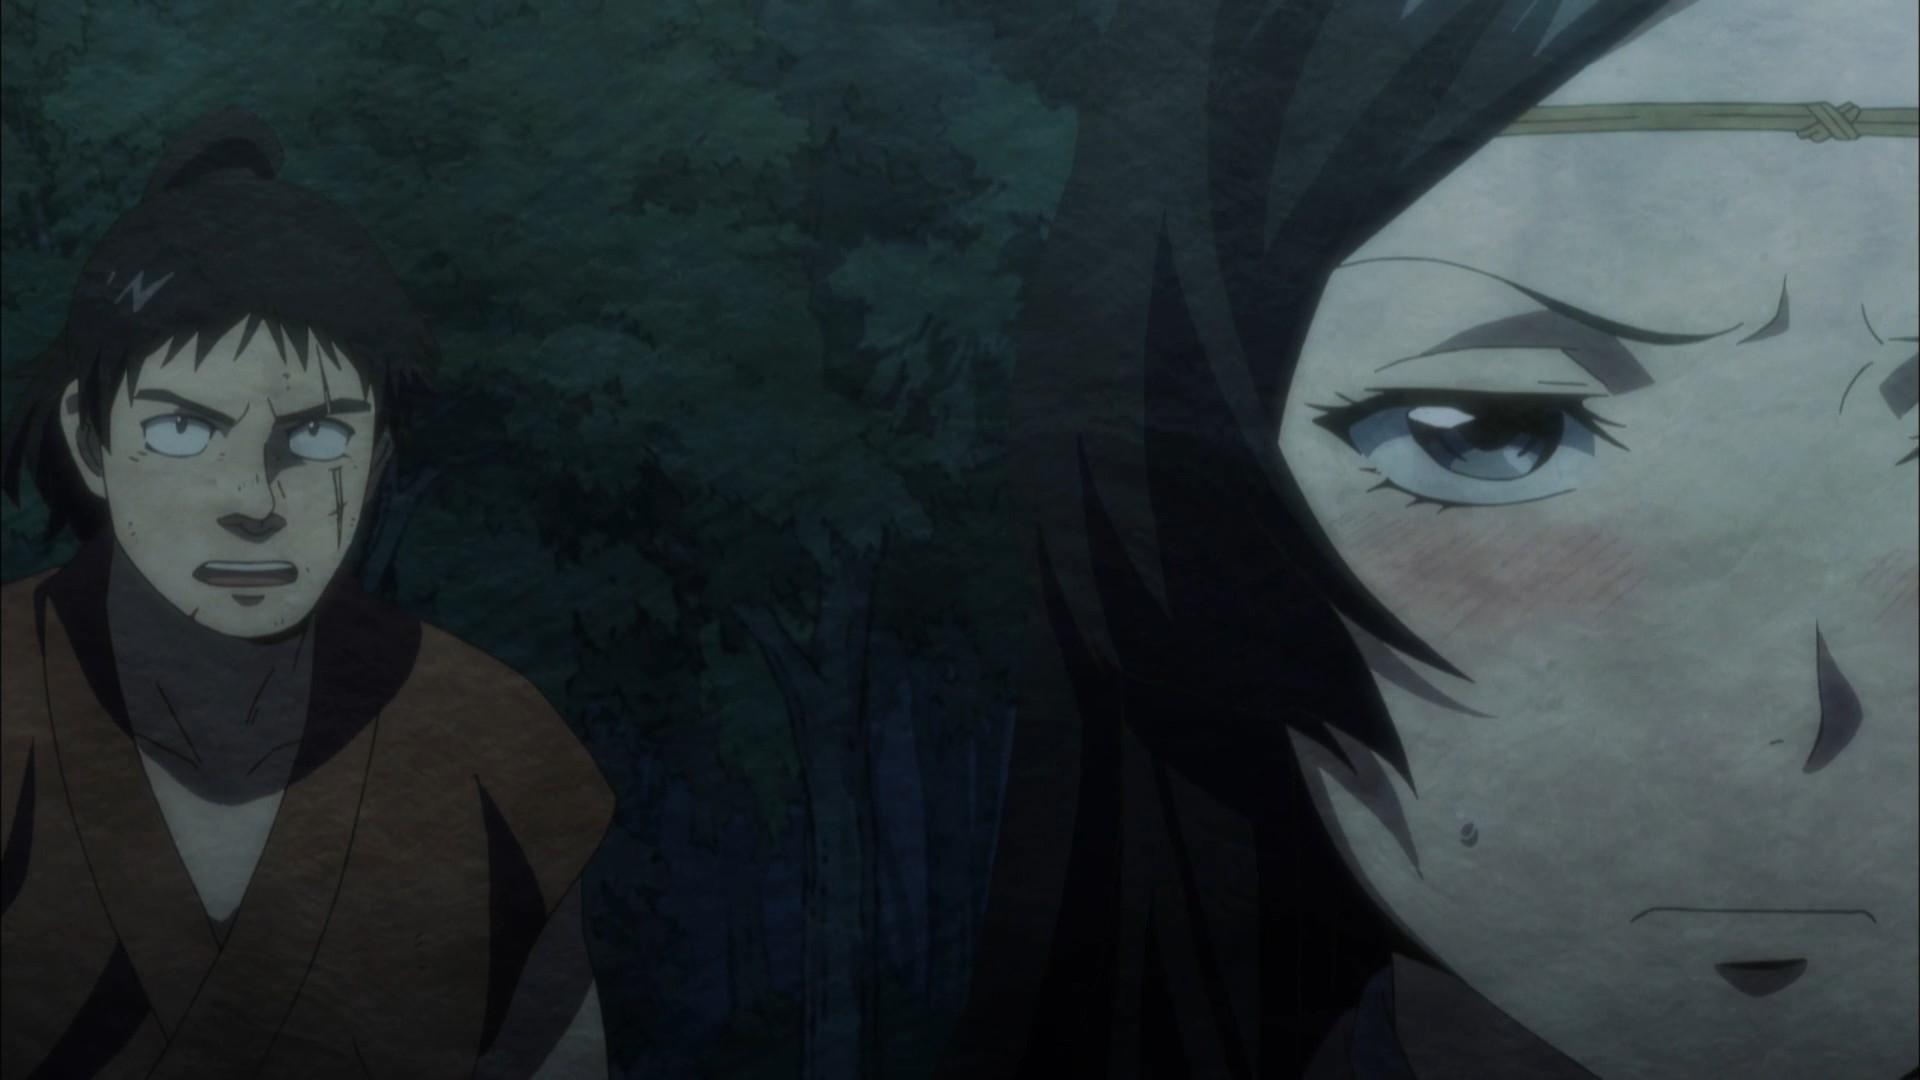 アンゴルモア元寇合戦記 第10話「凶兆」視聴感想[ネタバレあり]